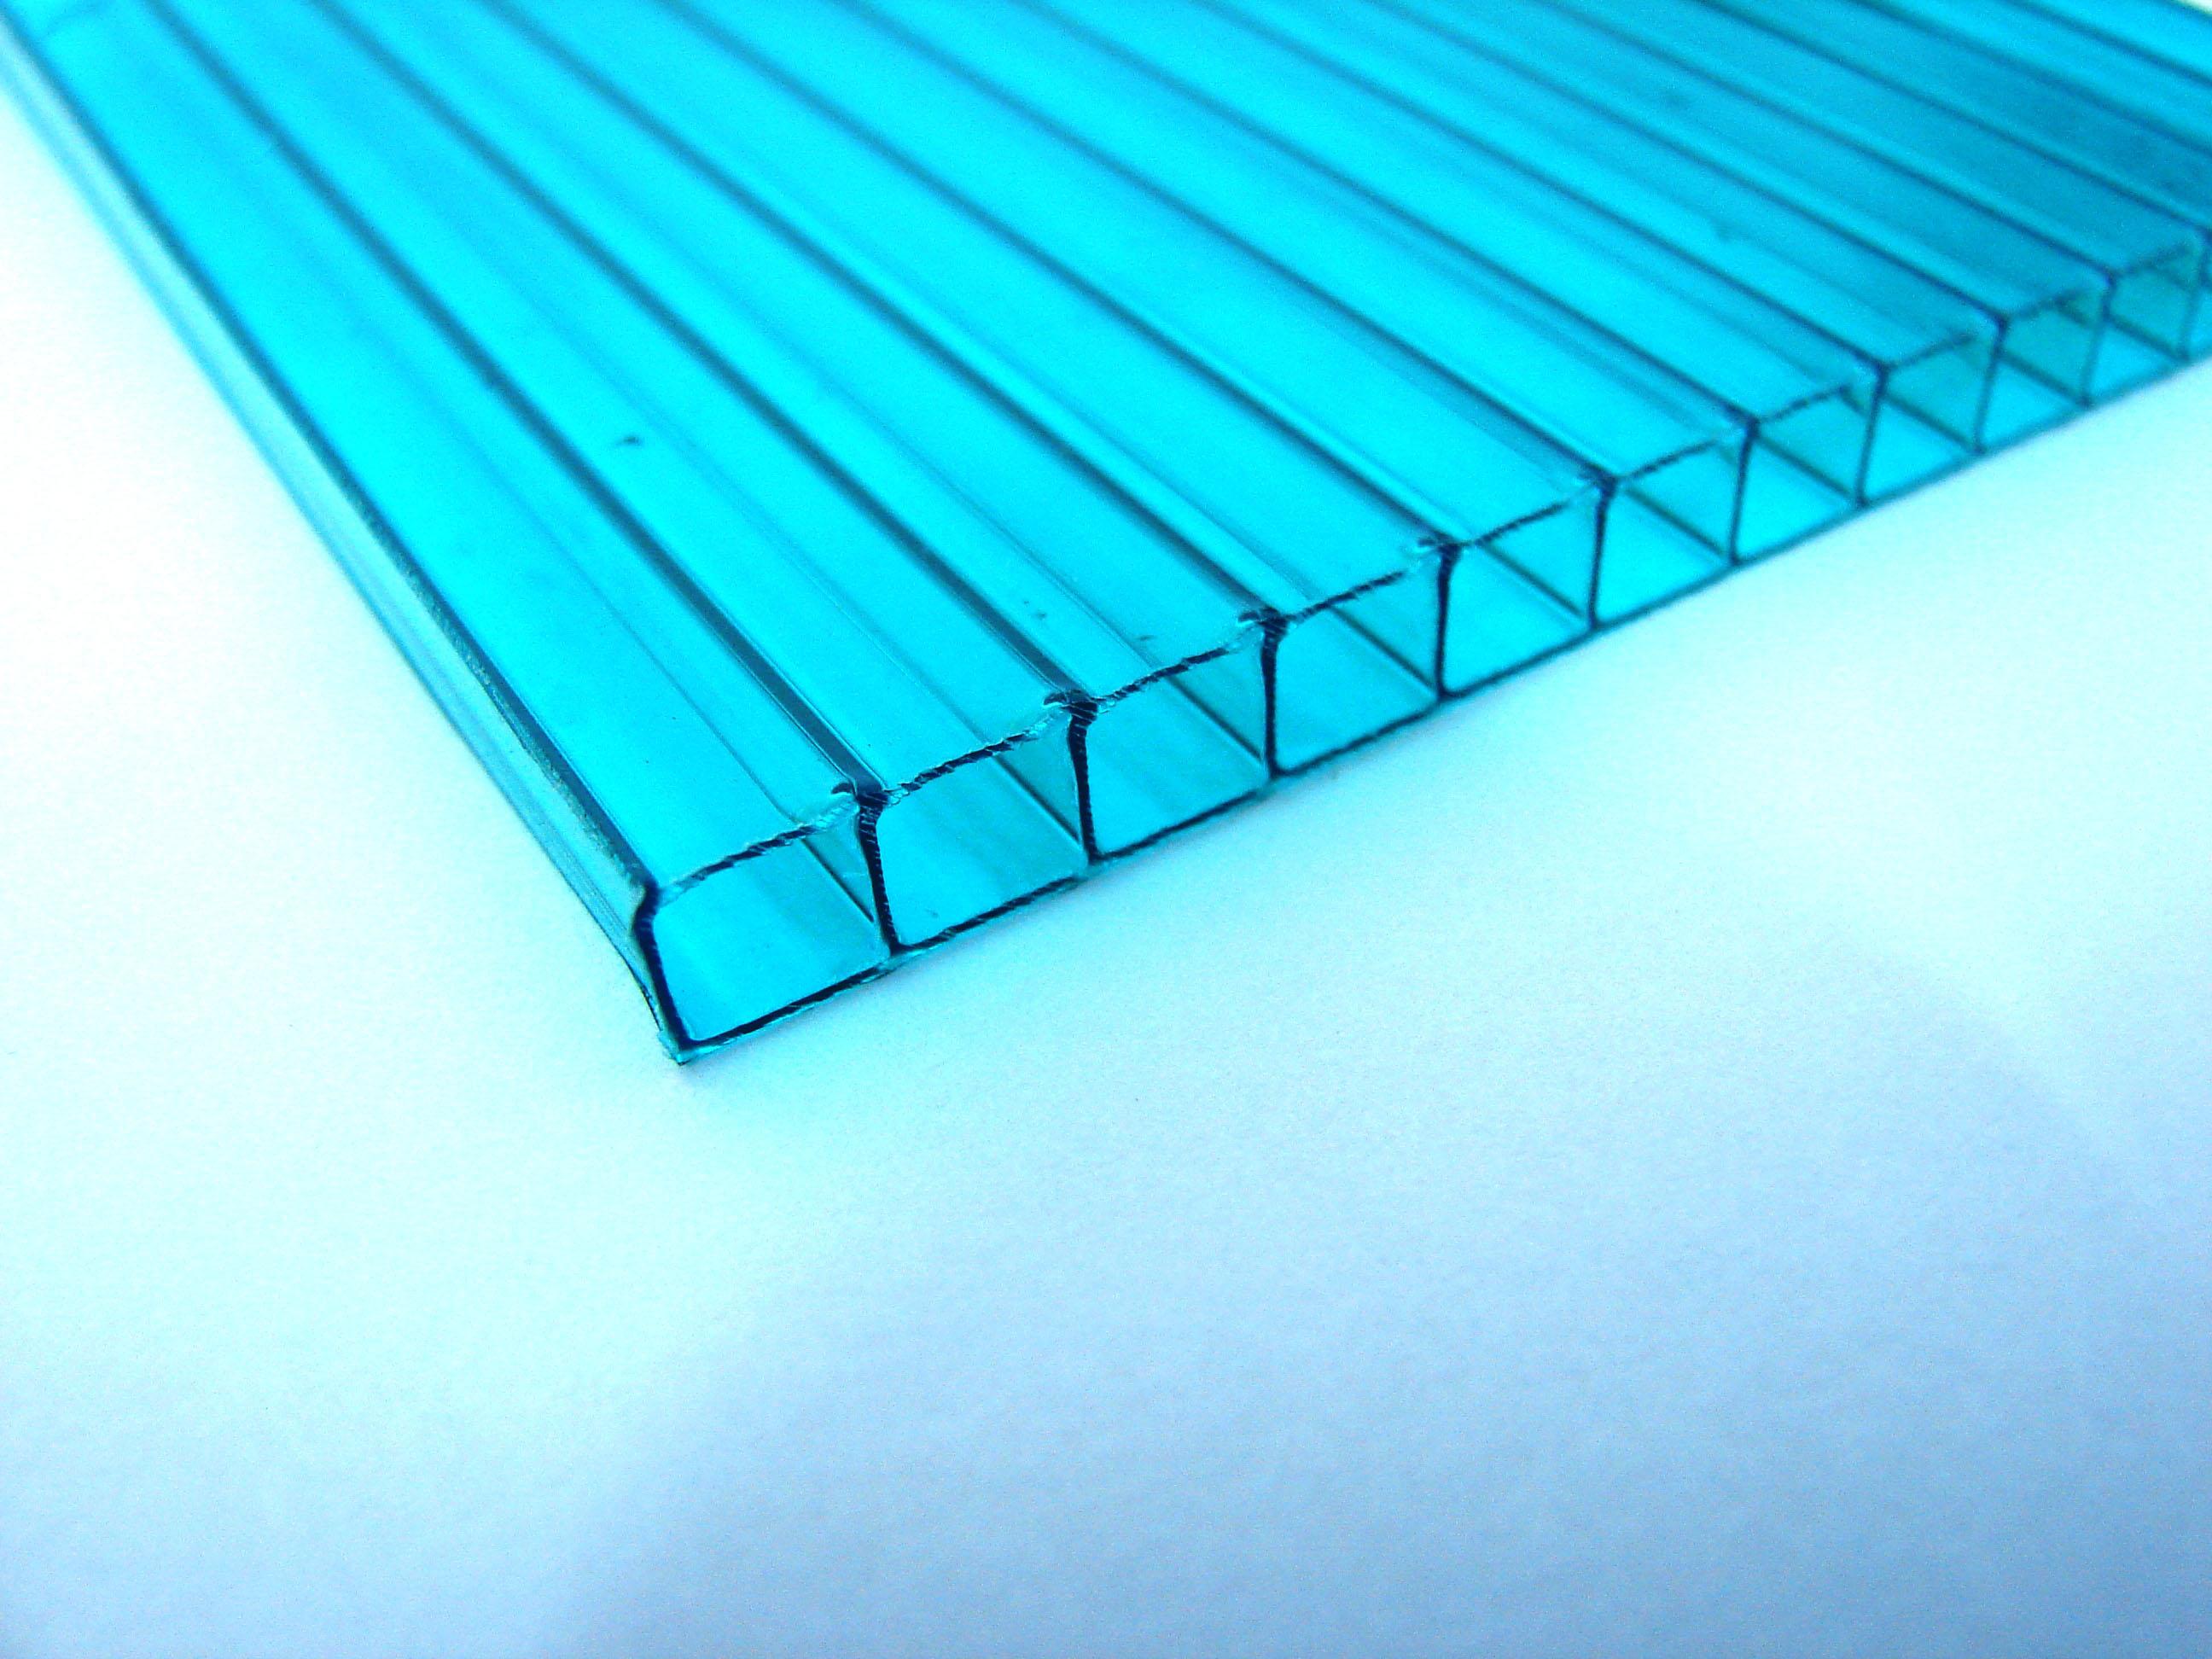 Cần tìm đại lý cung cấp tấm lợp nhựa thông minh lấy sáng polycarbonate tại TPHCM, Bình Dương, Biên Hòa